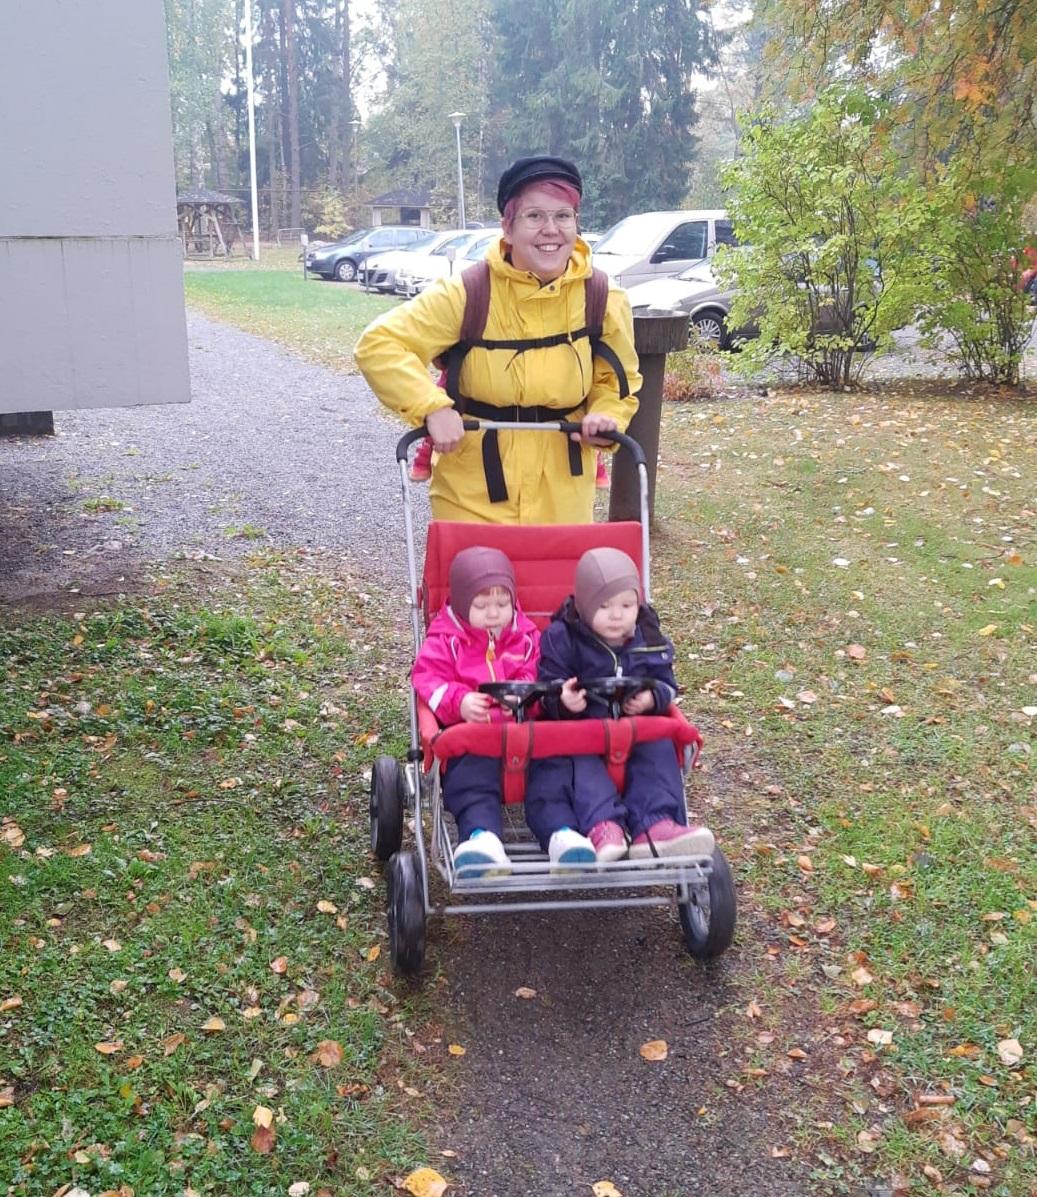 Monikkoperhe retkellä. Ilman kolmoskärryjäkin voi liikkua, jos kaksi lasta istuu rattaissa ja yksi kantorepussa.